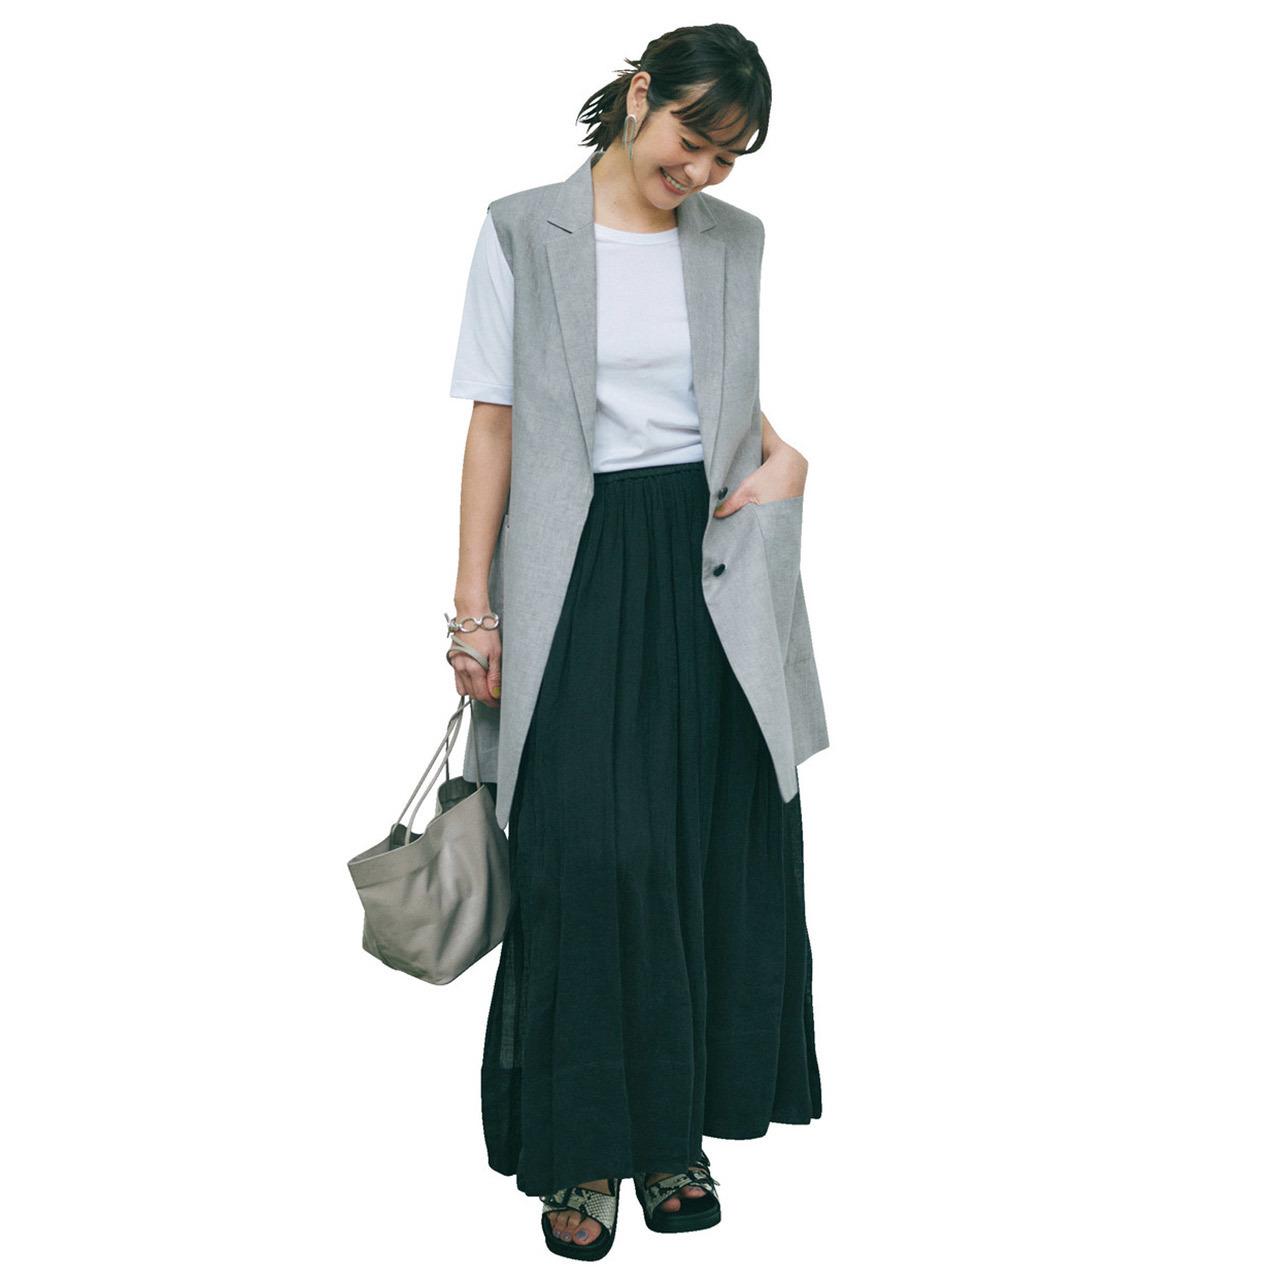 白Tシャツ×ロングジレ×黒スカートコーデ